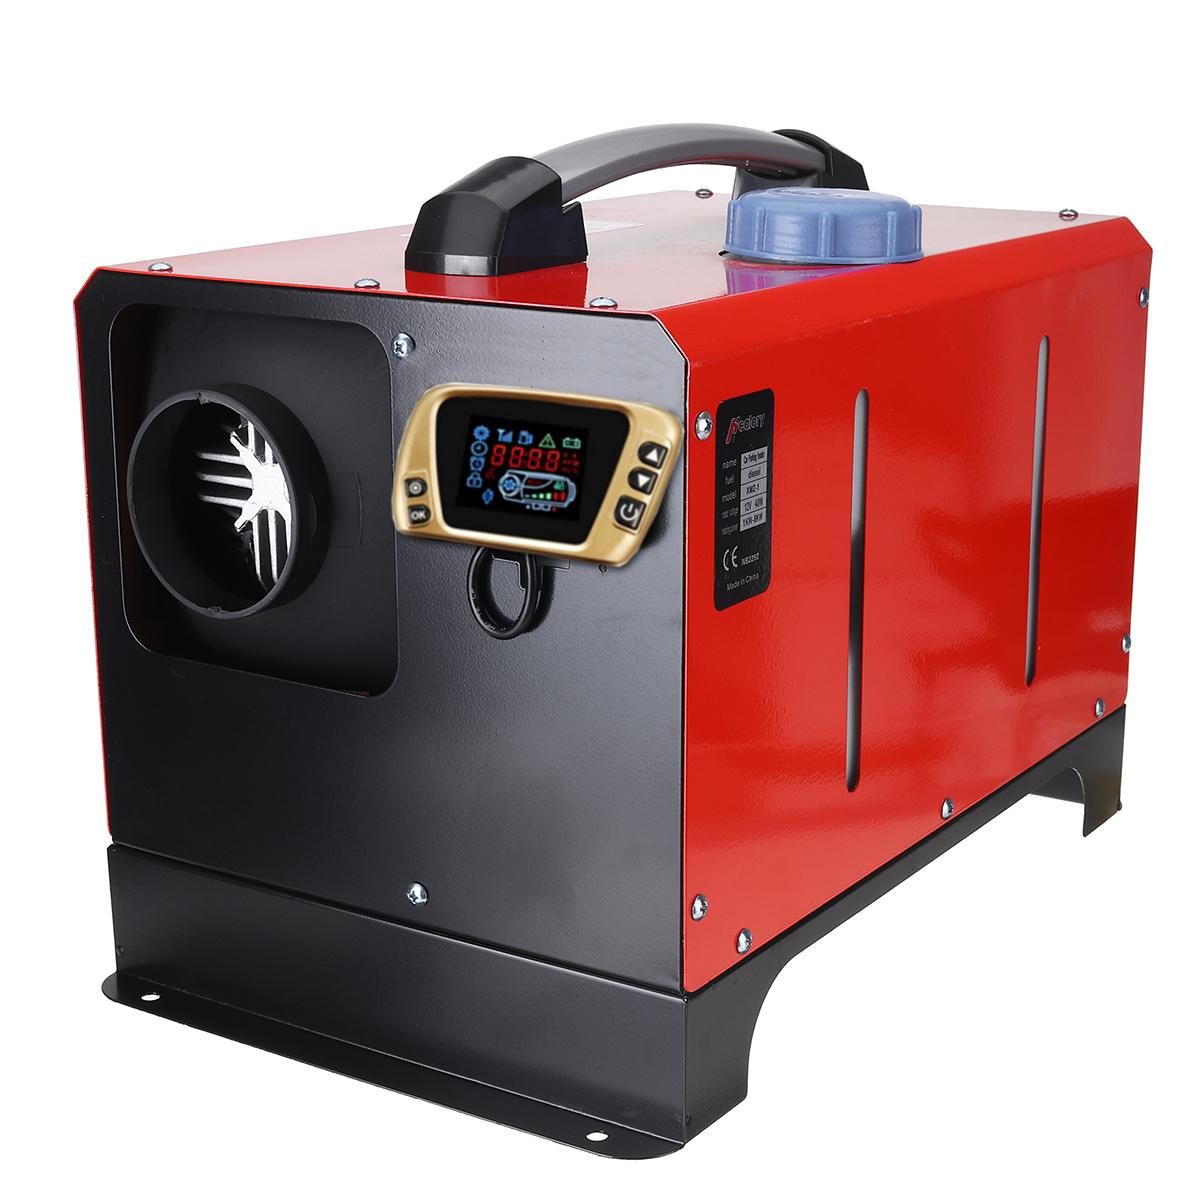 Все в One Единица 8KW 12V Авто Отопление Инструмент Дизель Air Нагреватель Золото с одним отверстием LCD Монитор Парковочный обогреватель для гру